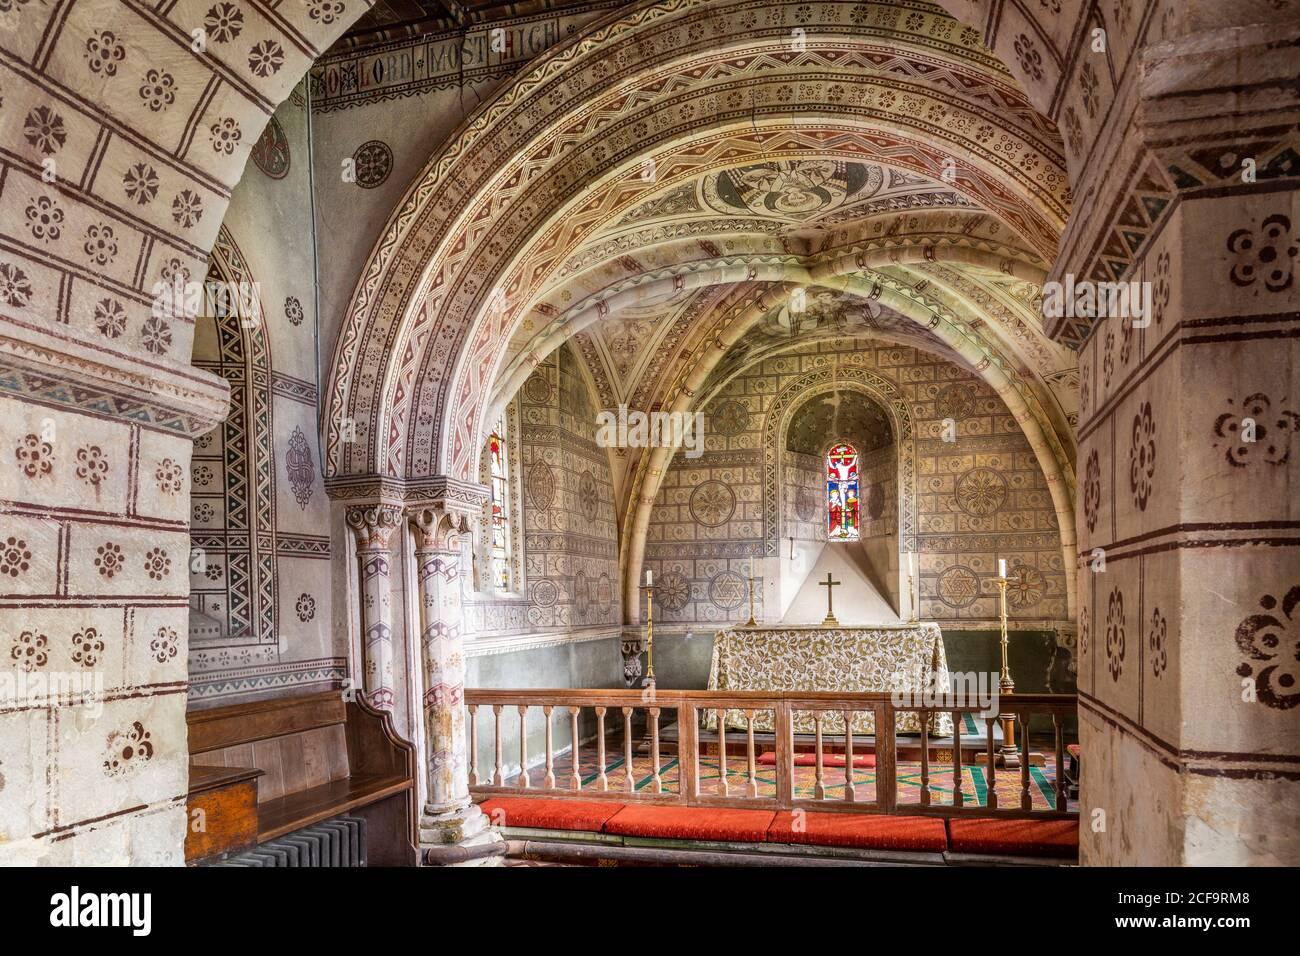 L'église normande de St George dans le village de Hampnet, dans les Cotswolds, montrant le chœur du XIIe siècle décoré dans les années 1870 par le vicaire à l'époque. Banque D'Images